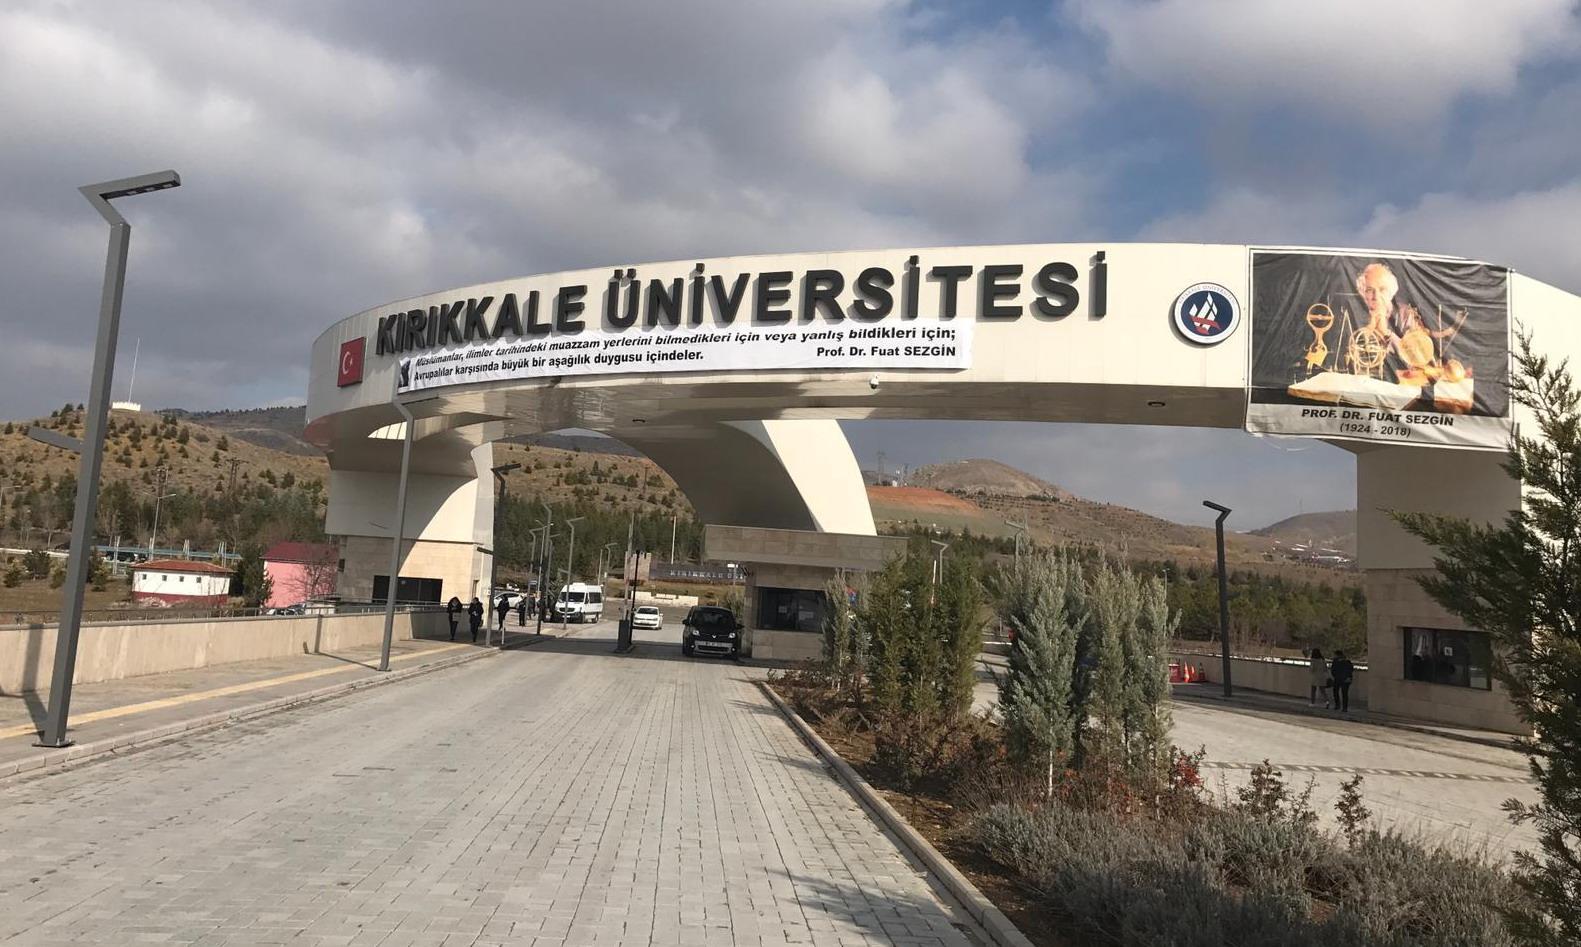 Fuat Sezgin Yılı etkinliklerini organize edecek olan Kırıkkale Üniversitesinde çalışmalar sürdürülürken, Üniversitenin girişinde bulunan 'Prof. Dr. Beşir Atalay Kampüsü' isminin üzerine asılan pankart dikkatlerden kaçmadı.